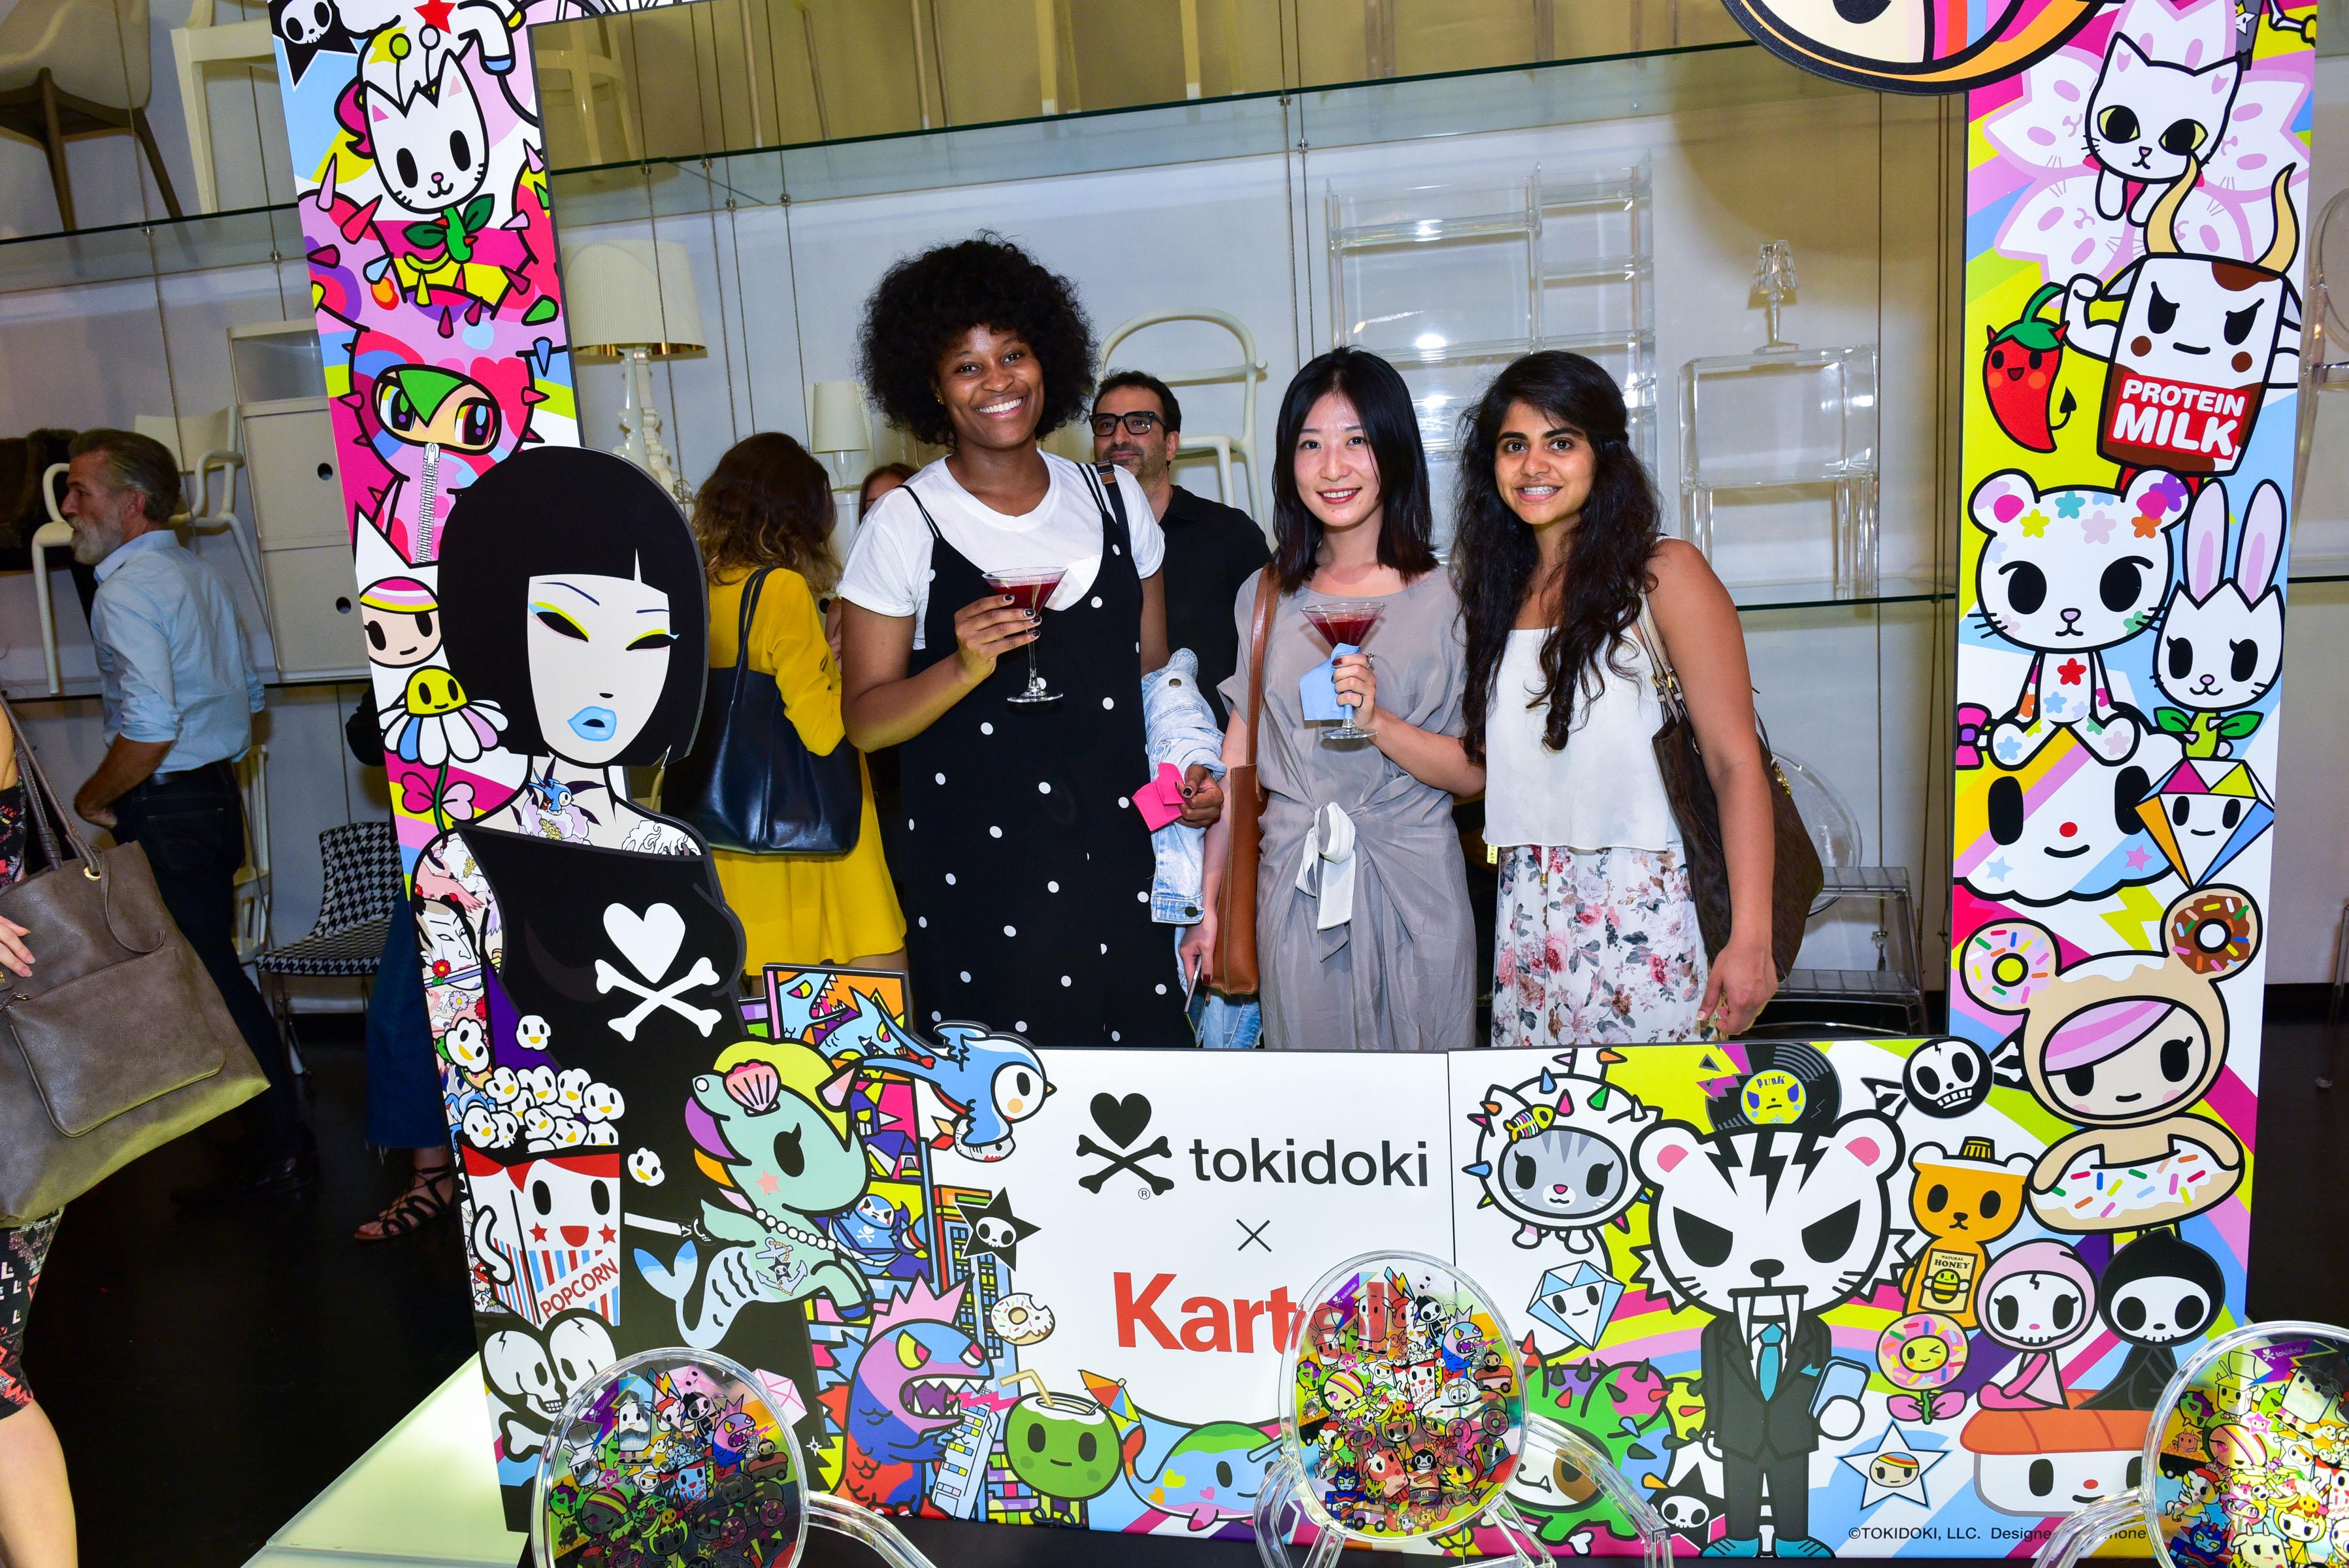 tokidoki x Kartell Launch Party